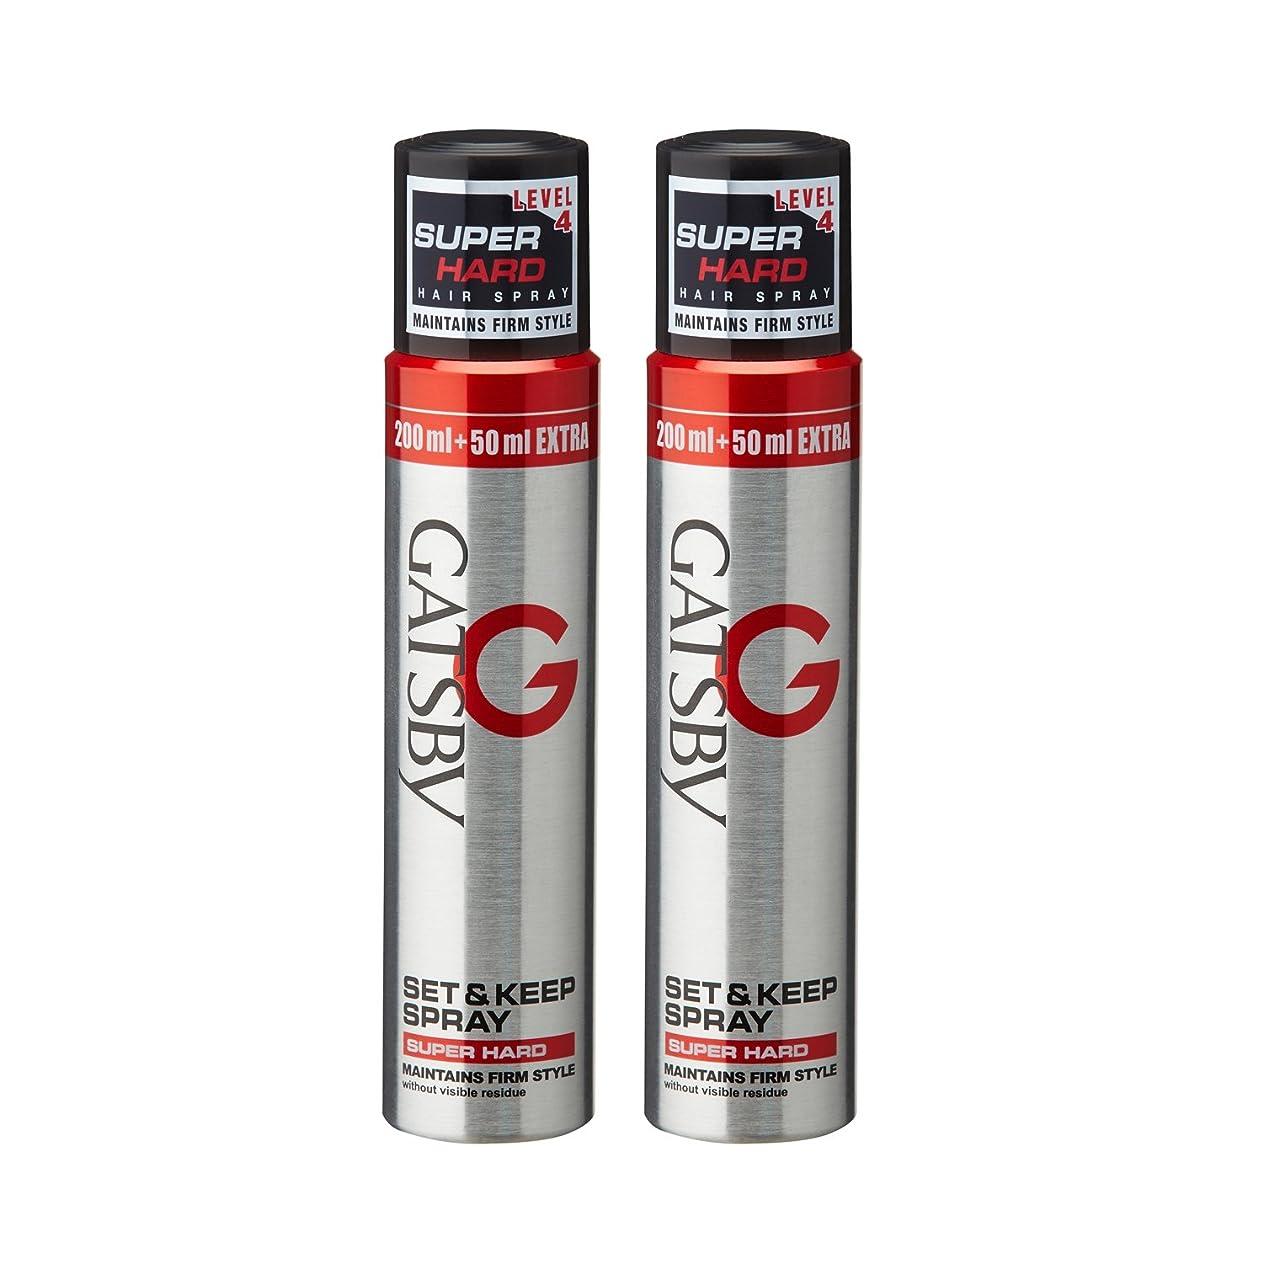 変形学ぶクレジットGatsby Set and Keep Super Hard Hair Spray, 250ml (Pack of 2)